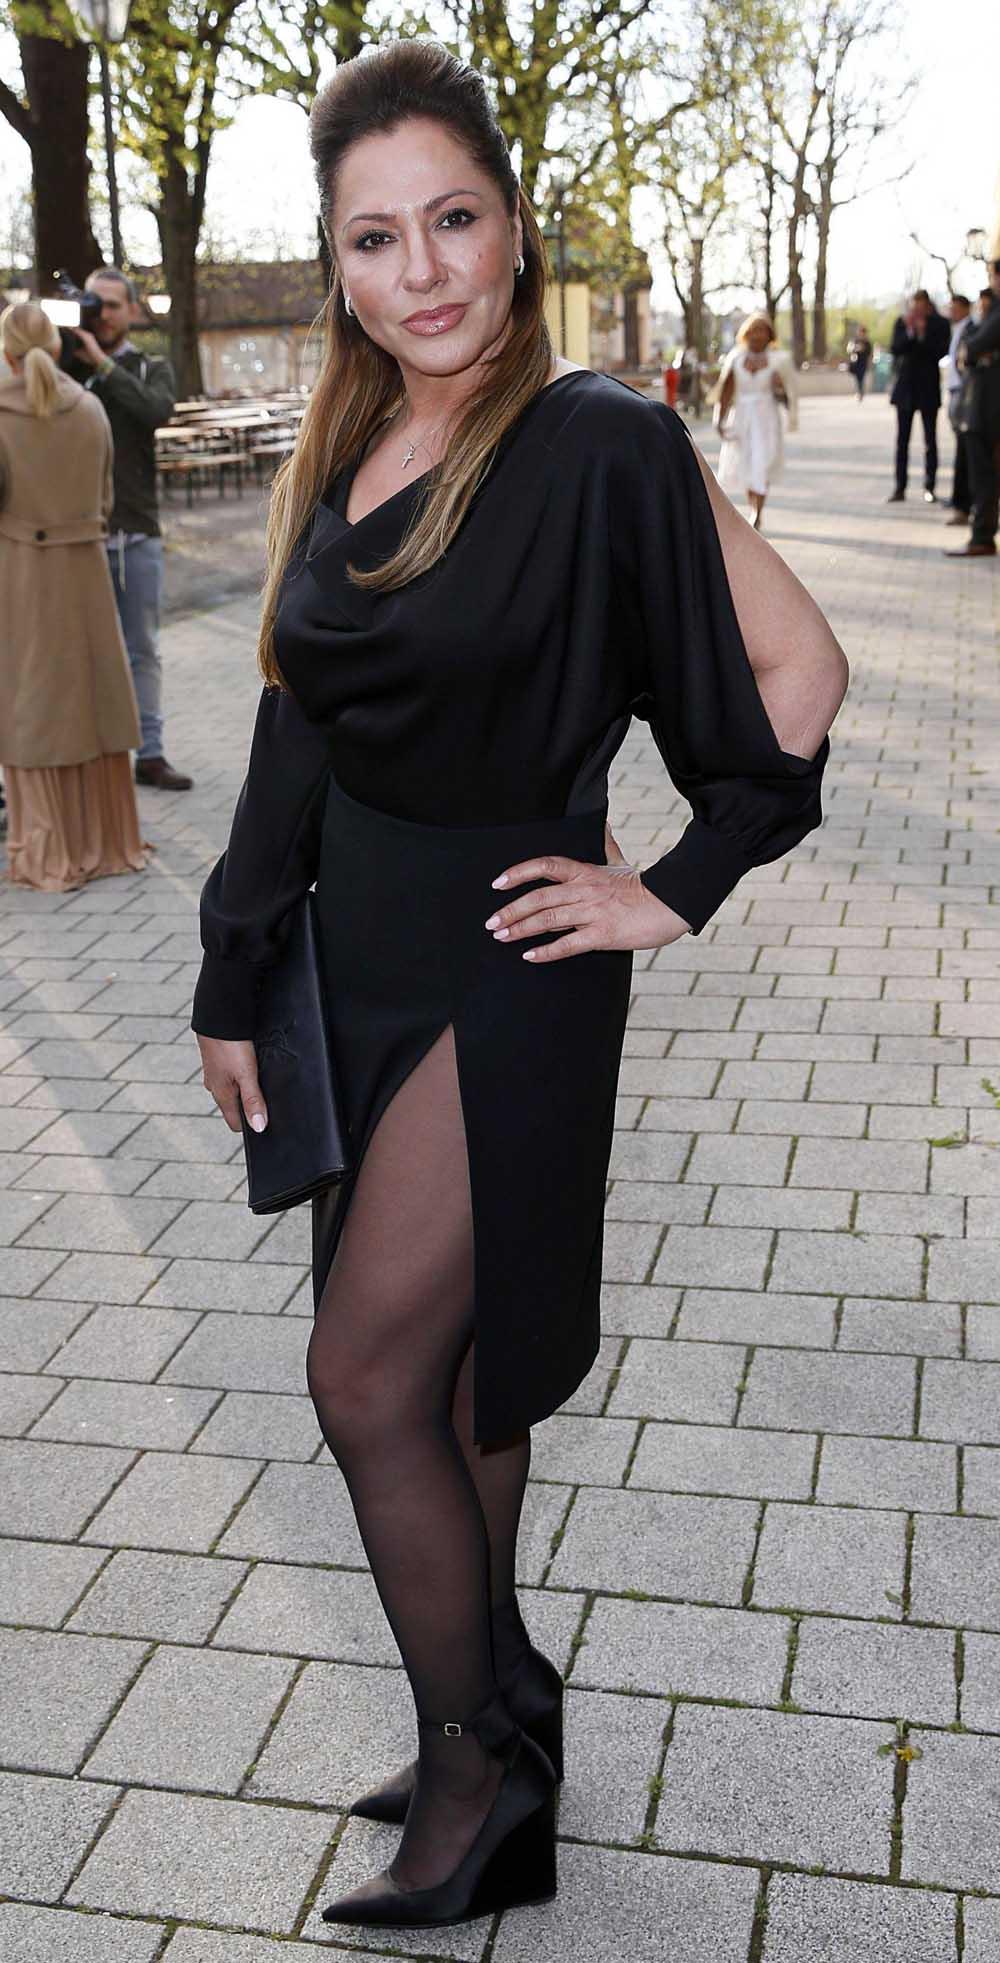 Simone Thomalla Nackt. Foto - 61